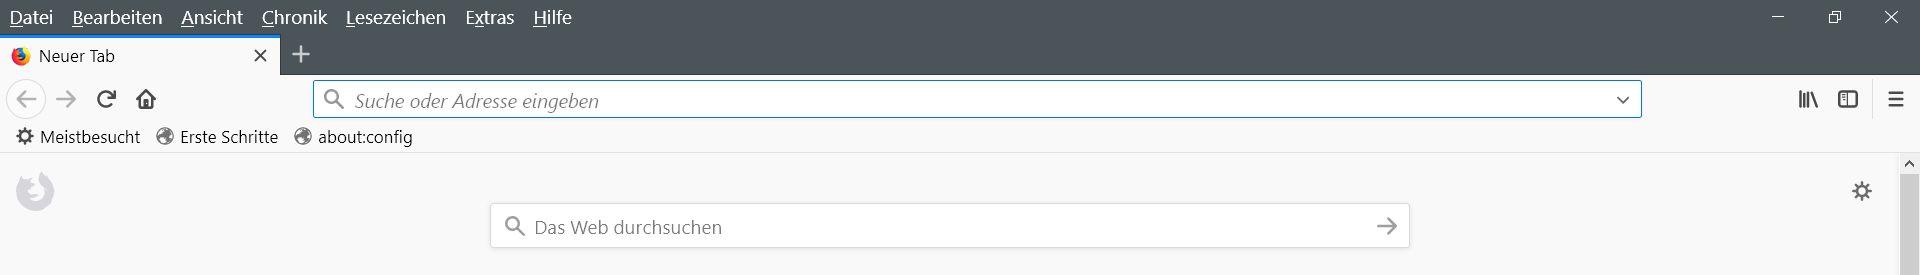 """adressleiste - Firefox  """"Suche"""" in neuem Tab öffnen"""